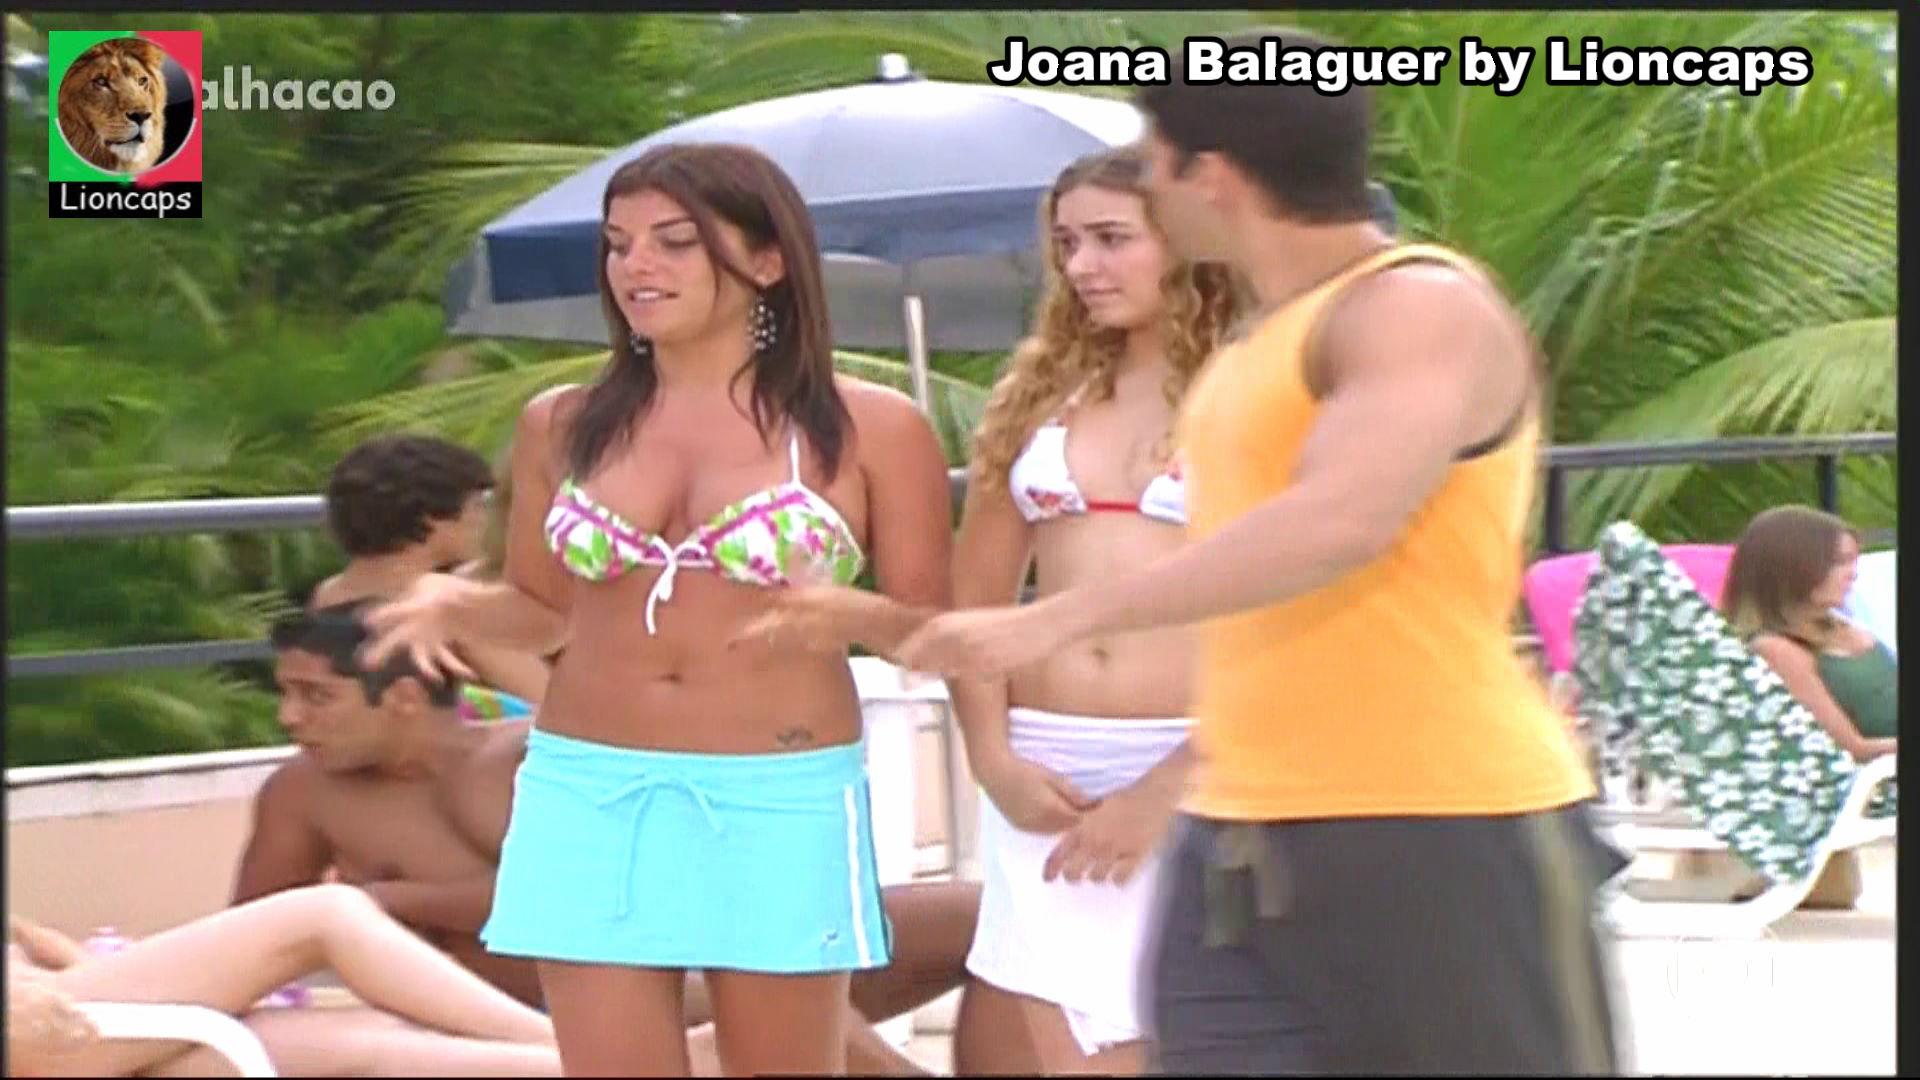 035556340_joana_balaguer_vs190612_19012_122_402lo.JPG